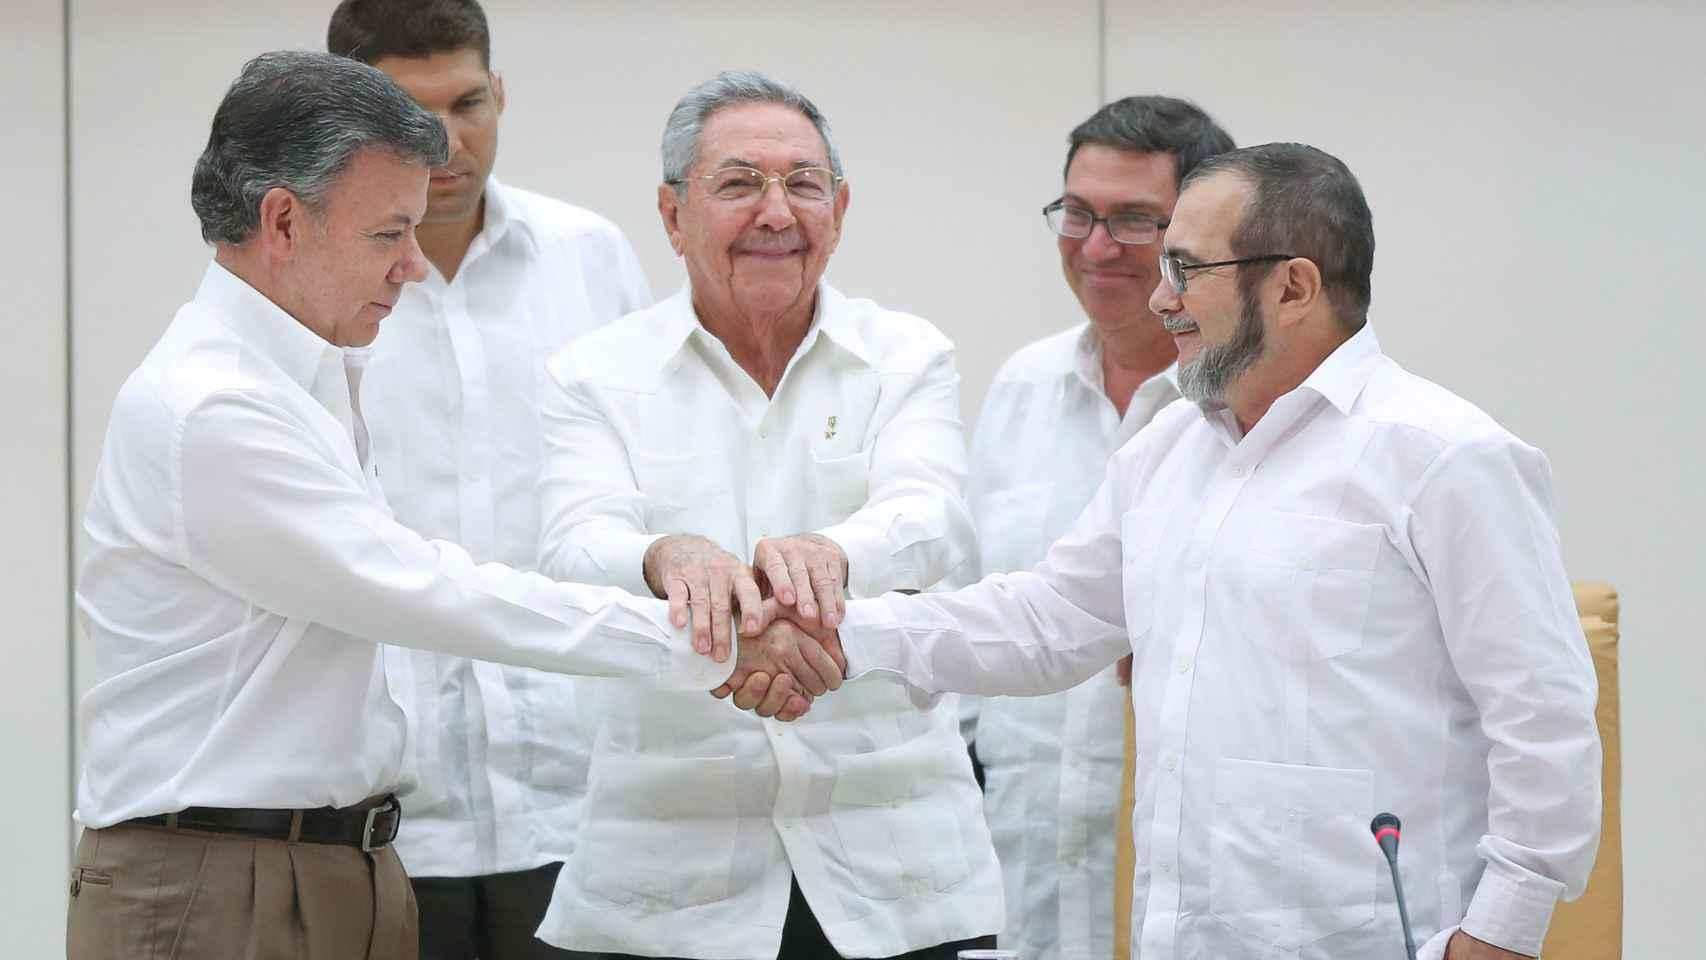 El presidente de Colombia estrecha manos con el líder de las Farc en septiembre.